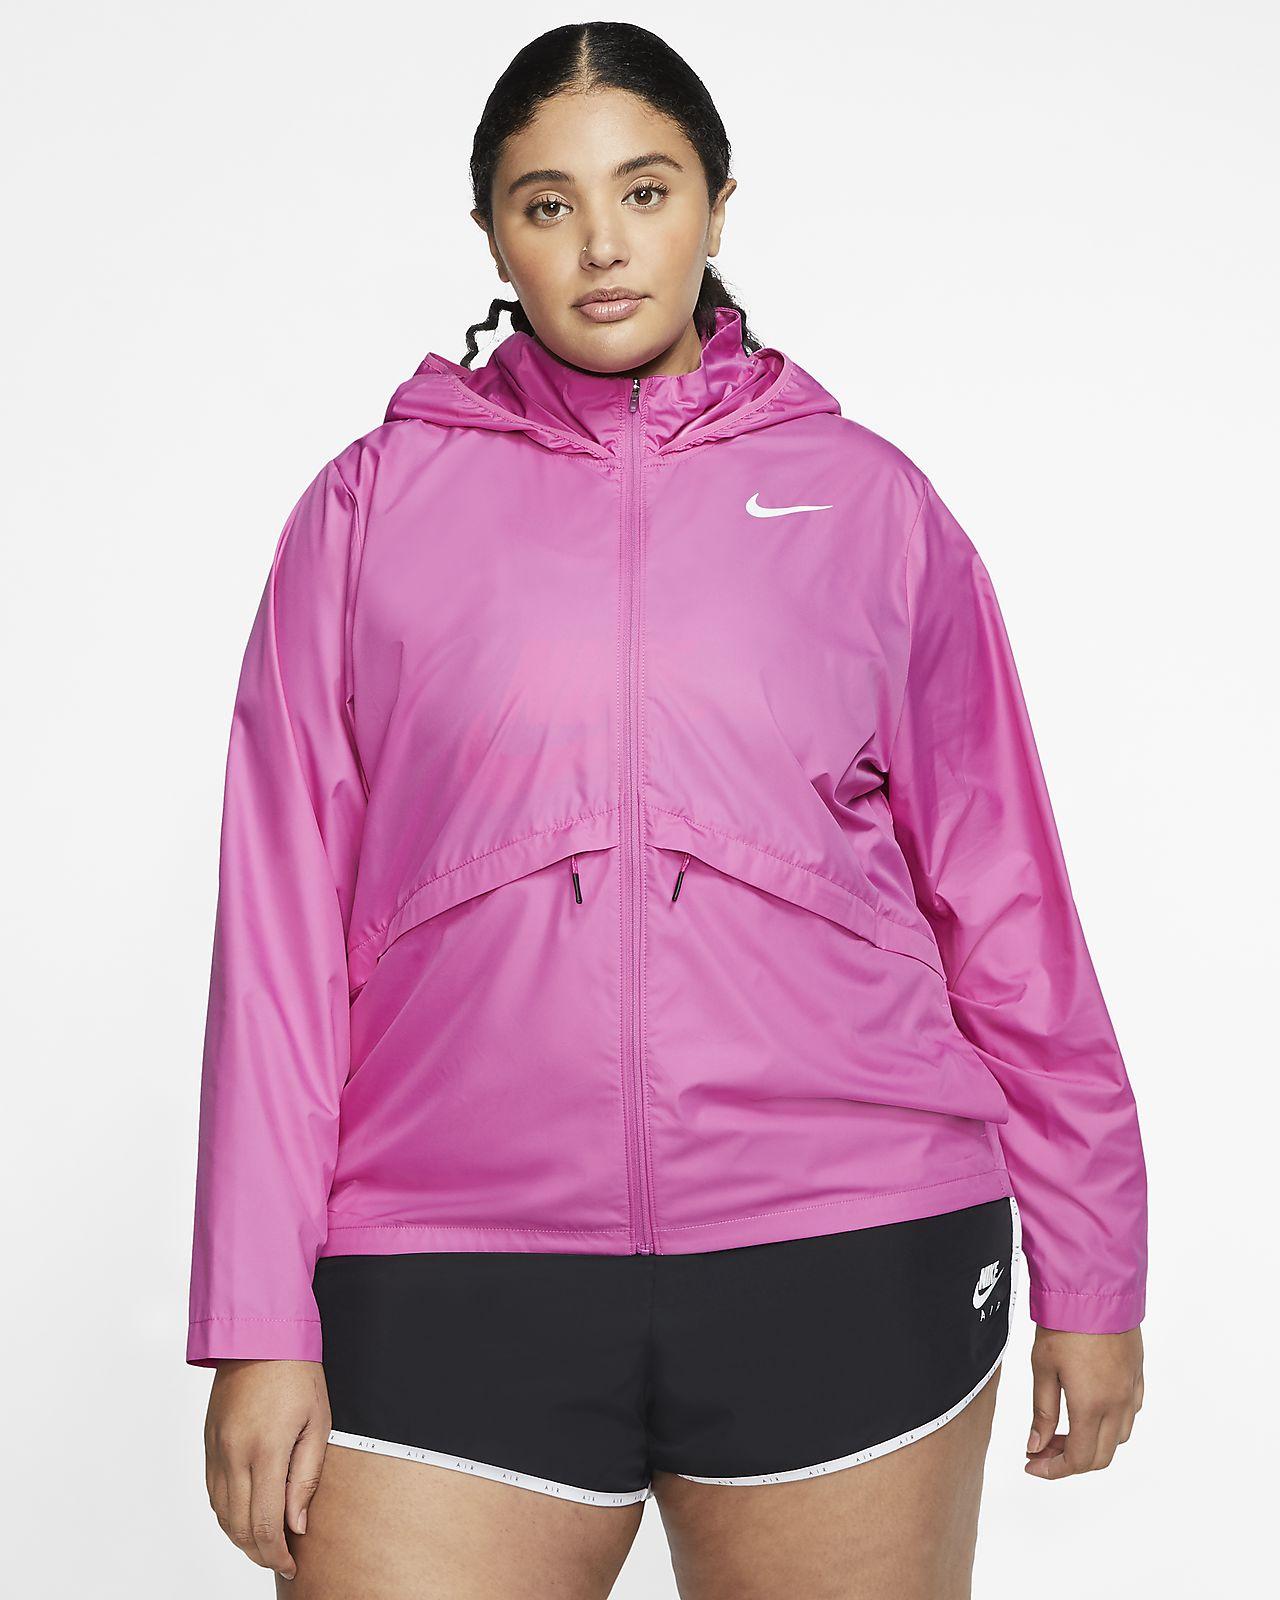 Nike Essential løpejakke med hette til dame (store størrelser)